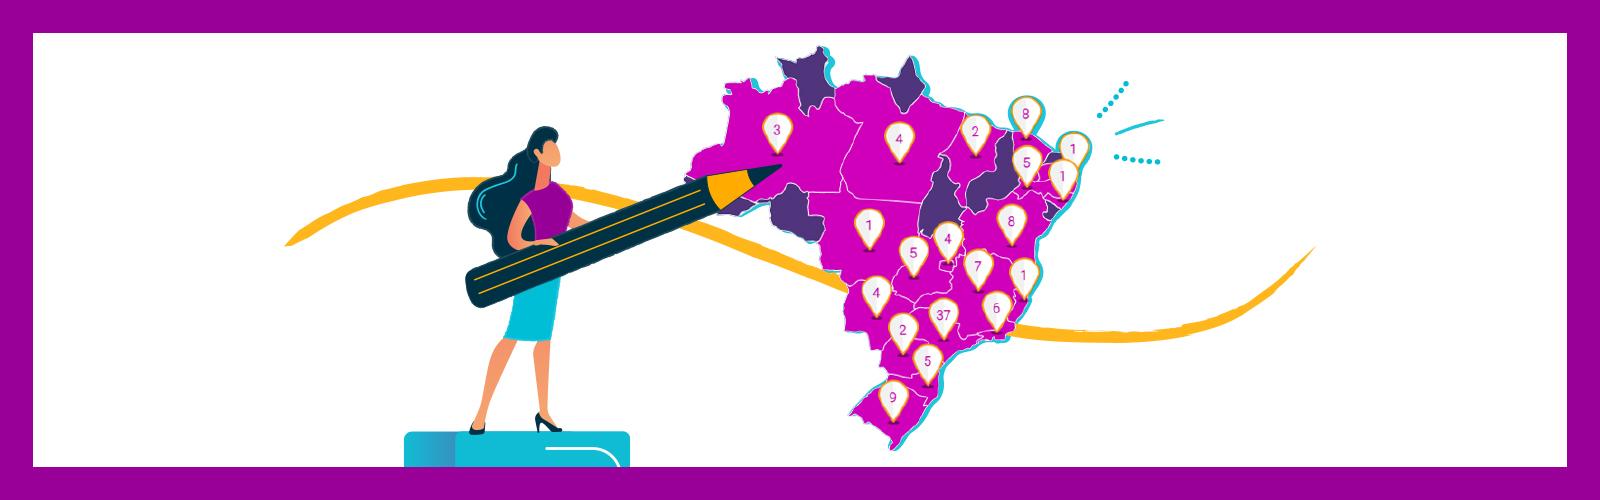 Imagem mostra o desenho do mapa do Brasil com vários pins marcandos os estados. Há ainda, o desenho de uma mulher segurando um lápis gigante e apontando para o mapa